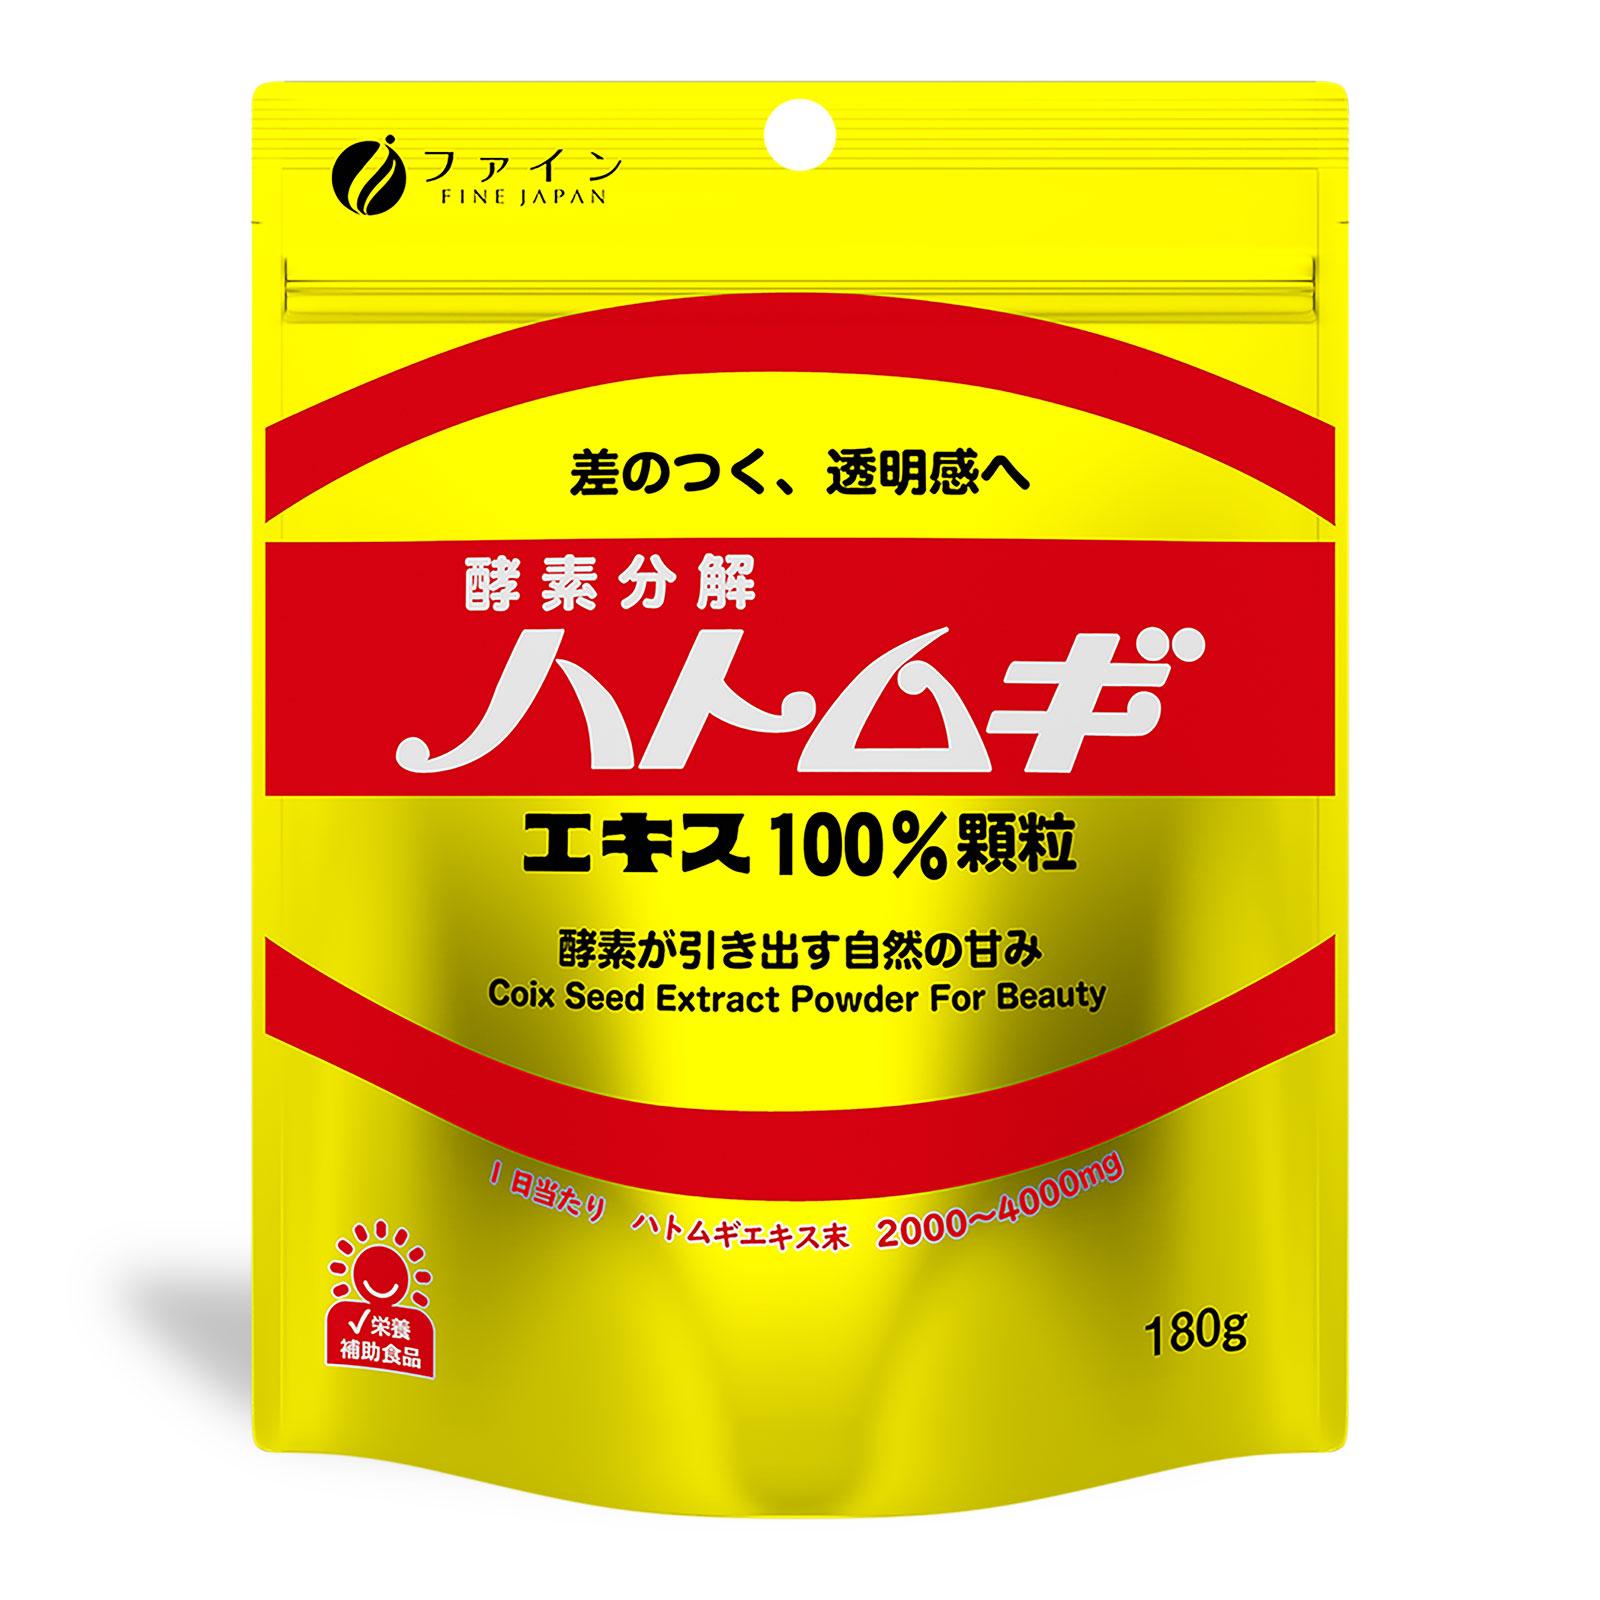 金のハトムギエキス100%顆粒 180g